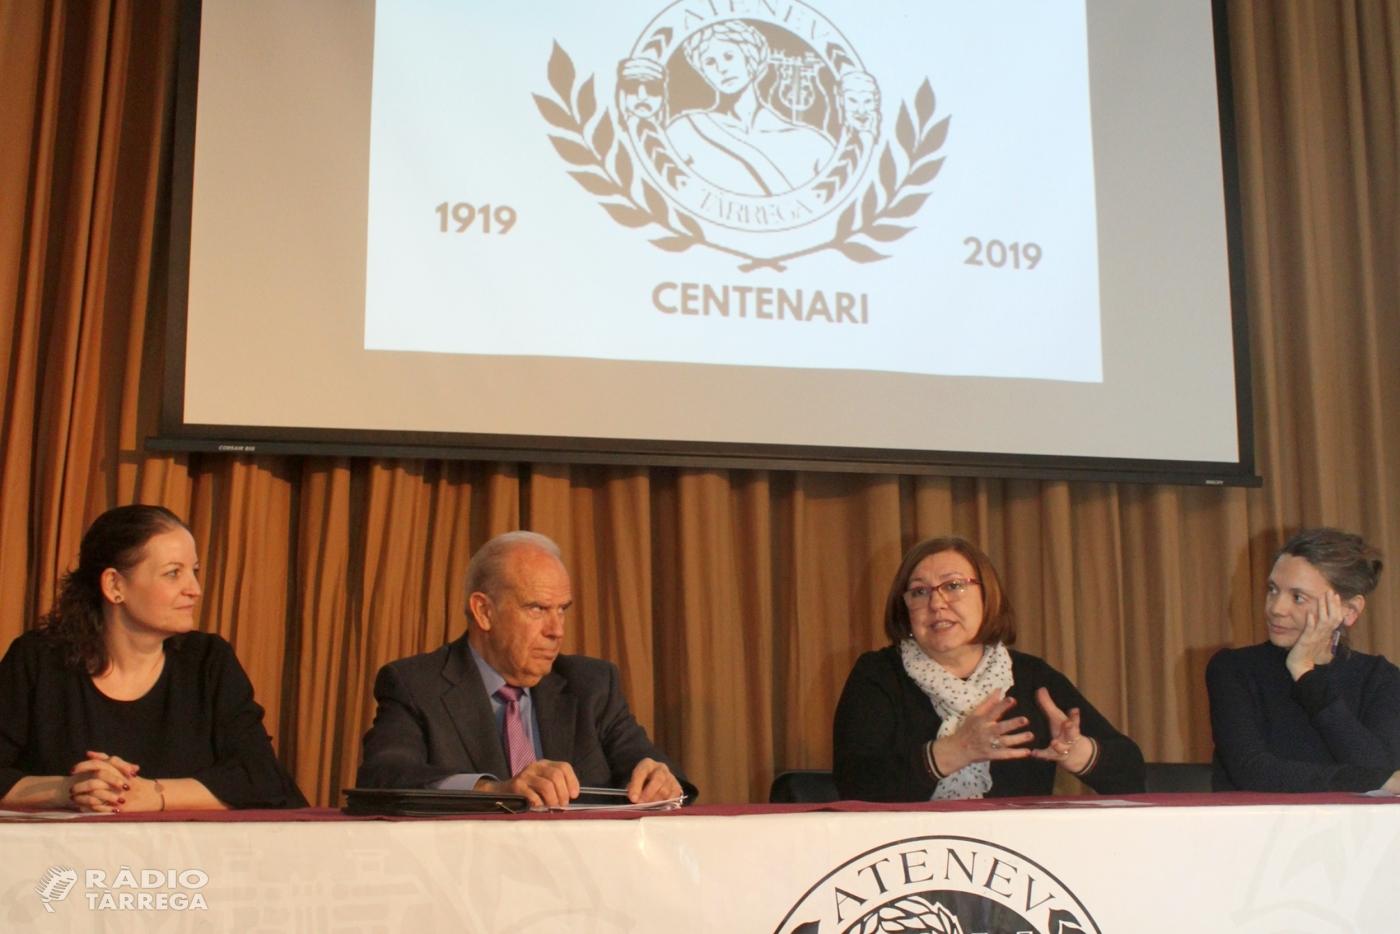 Tàrrega commemorarà el centenari de la Societat Ateneu amb una cinquantena d'activitats obertes al conjunt de la ciutadania